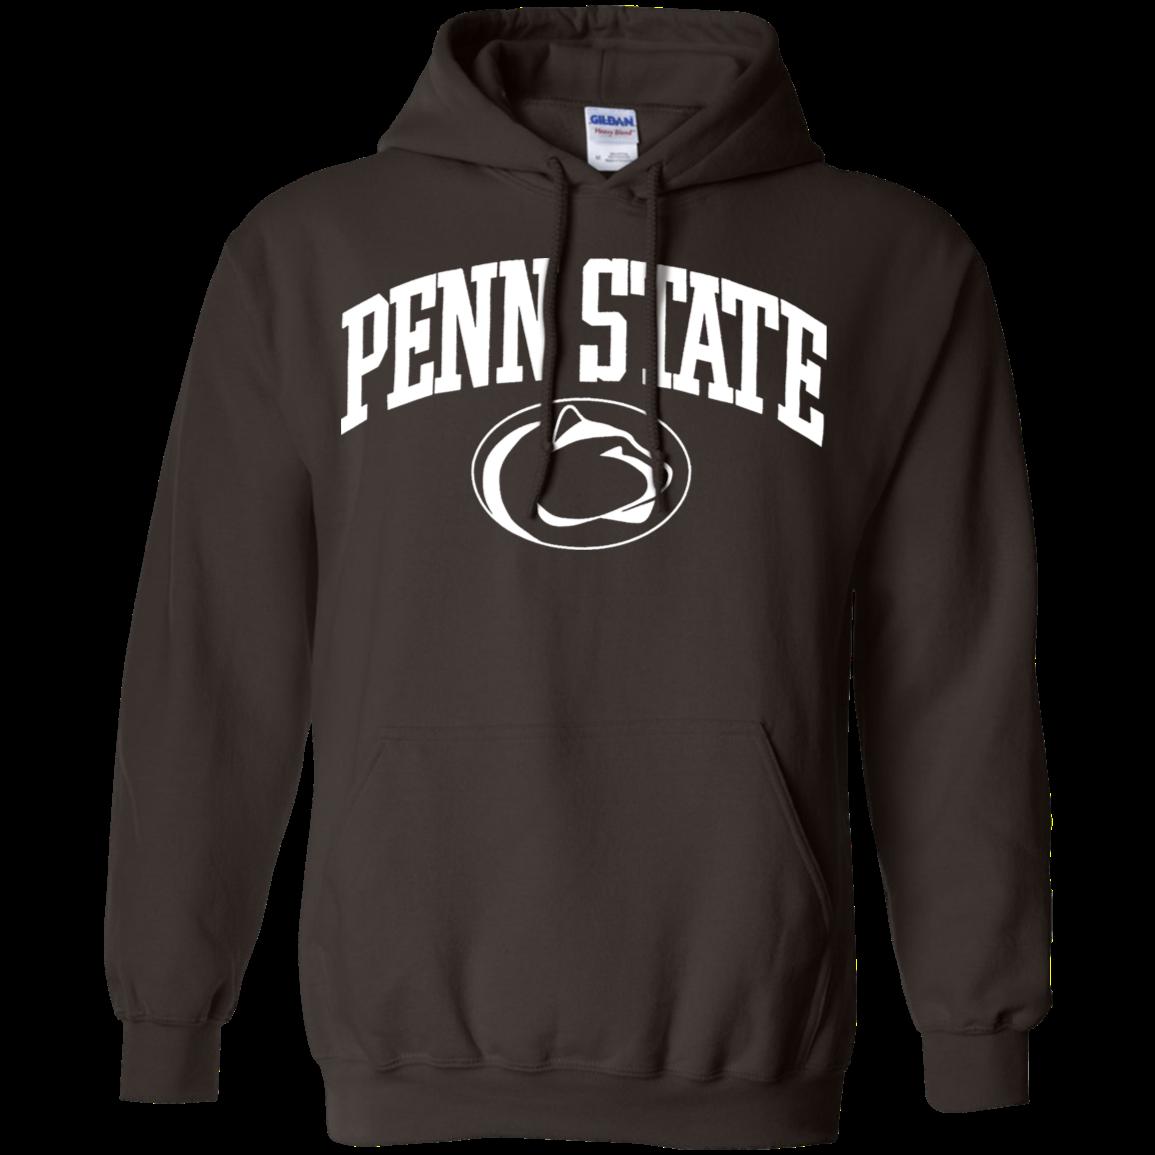 Penn State White Out Hoodie In 2021 Hoodies Hoodie Hood Pullover Hoodie [ 1155 x 1155 Pixel ]